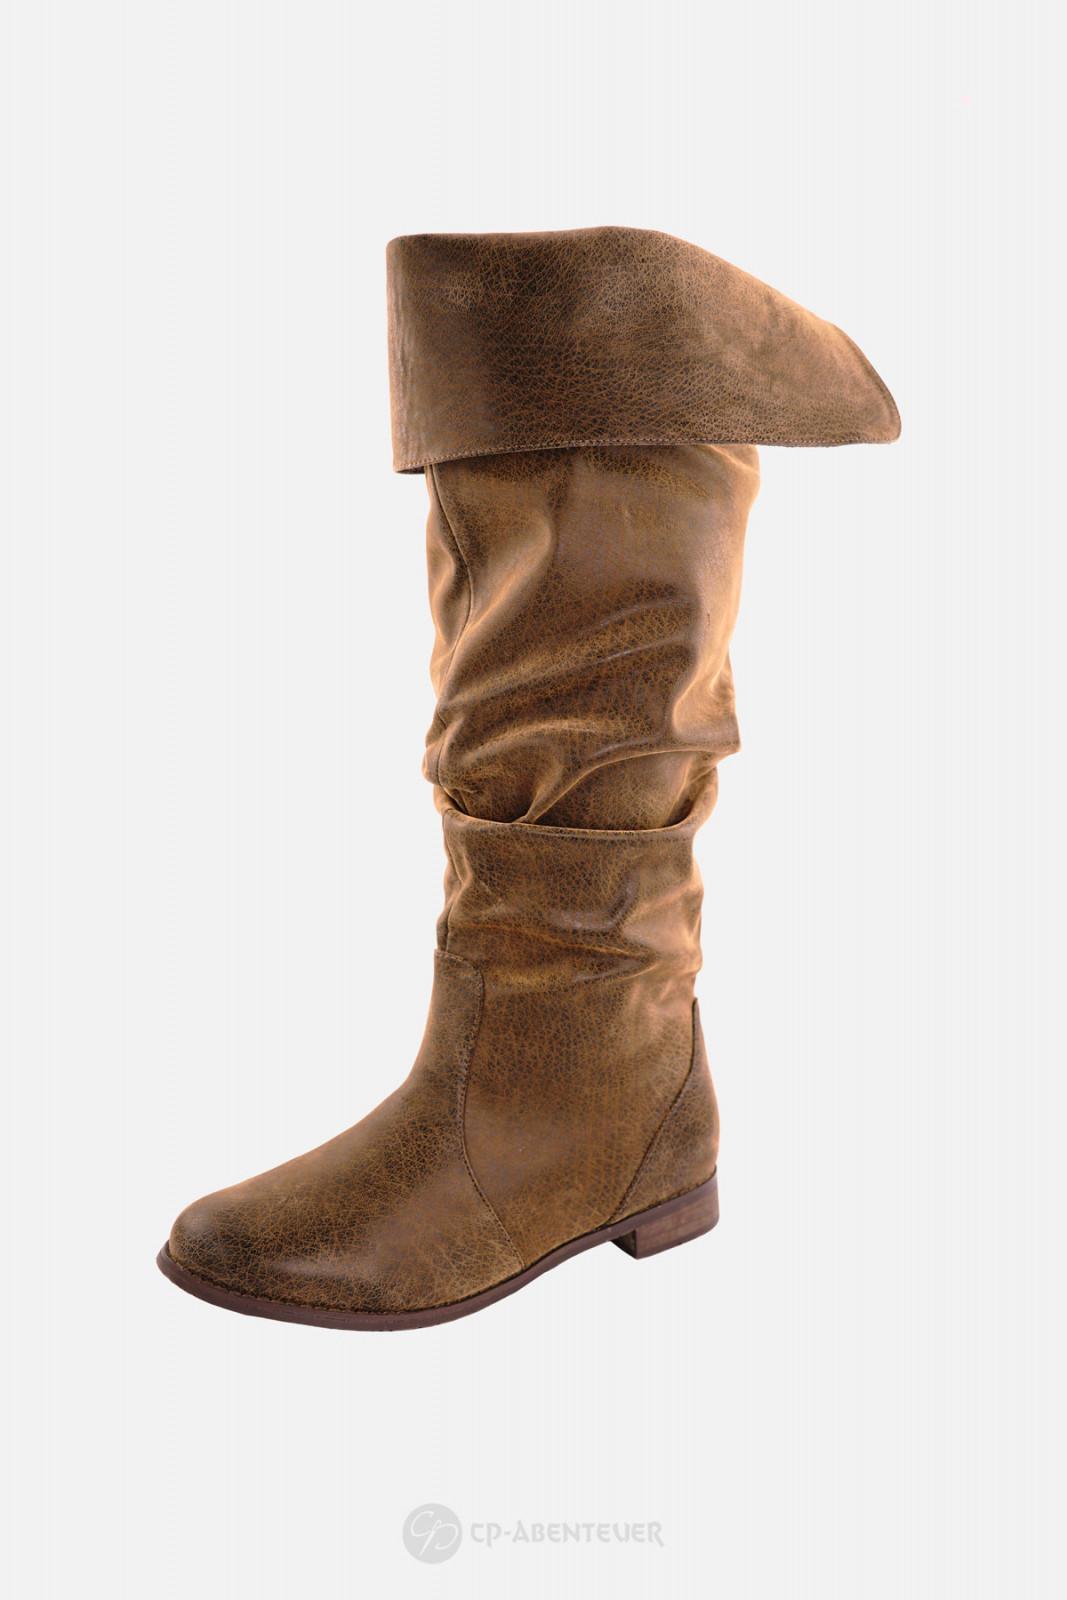 Schuhe   Leder   Mittelalter Shopping